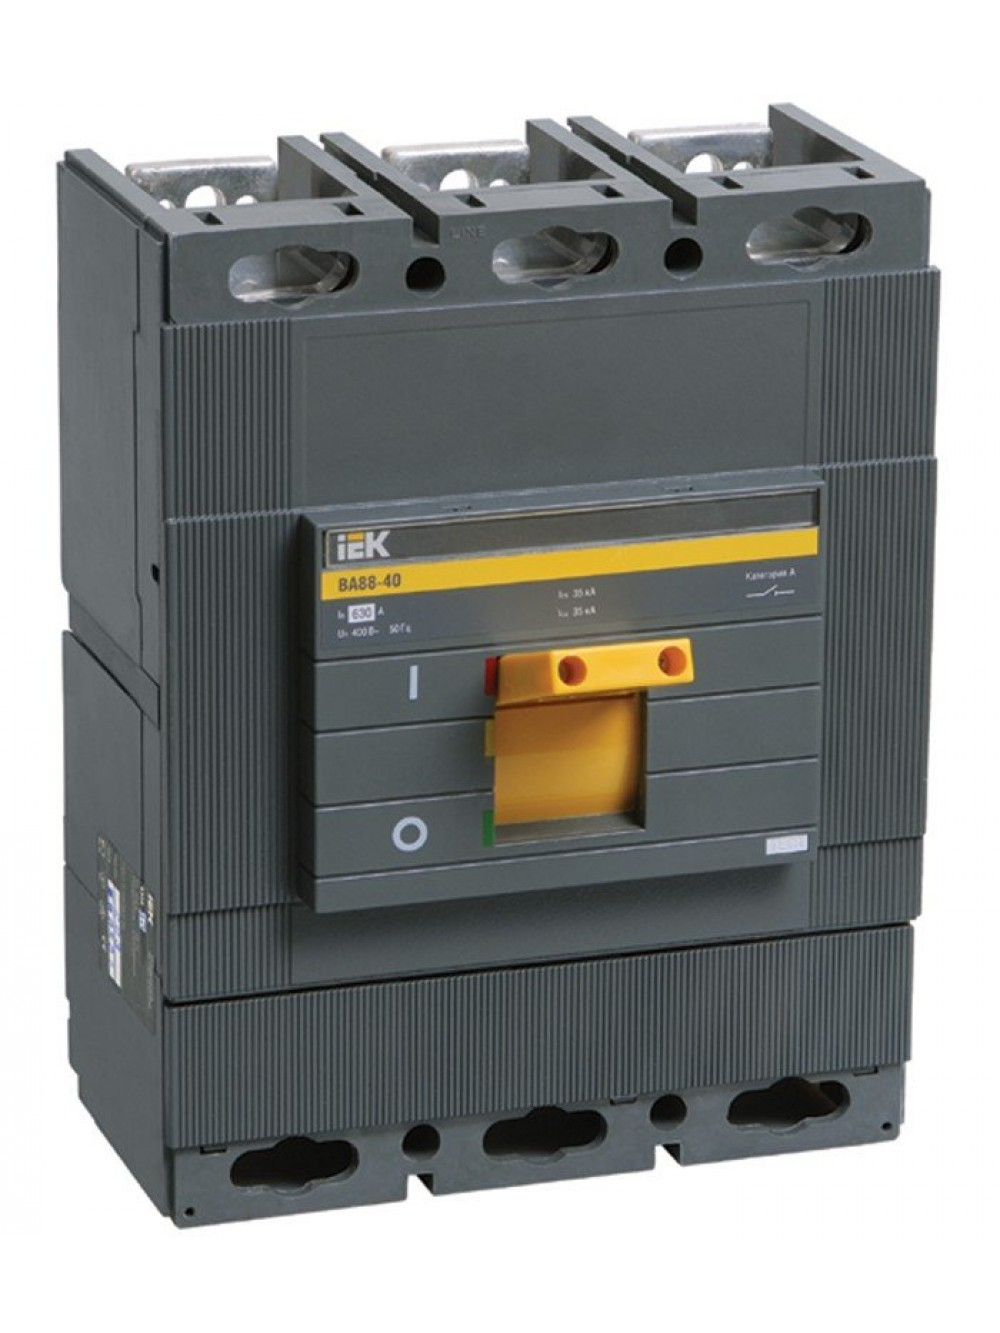 Выключатель автоматический 3п 800А ВА 88-40